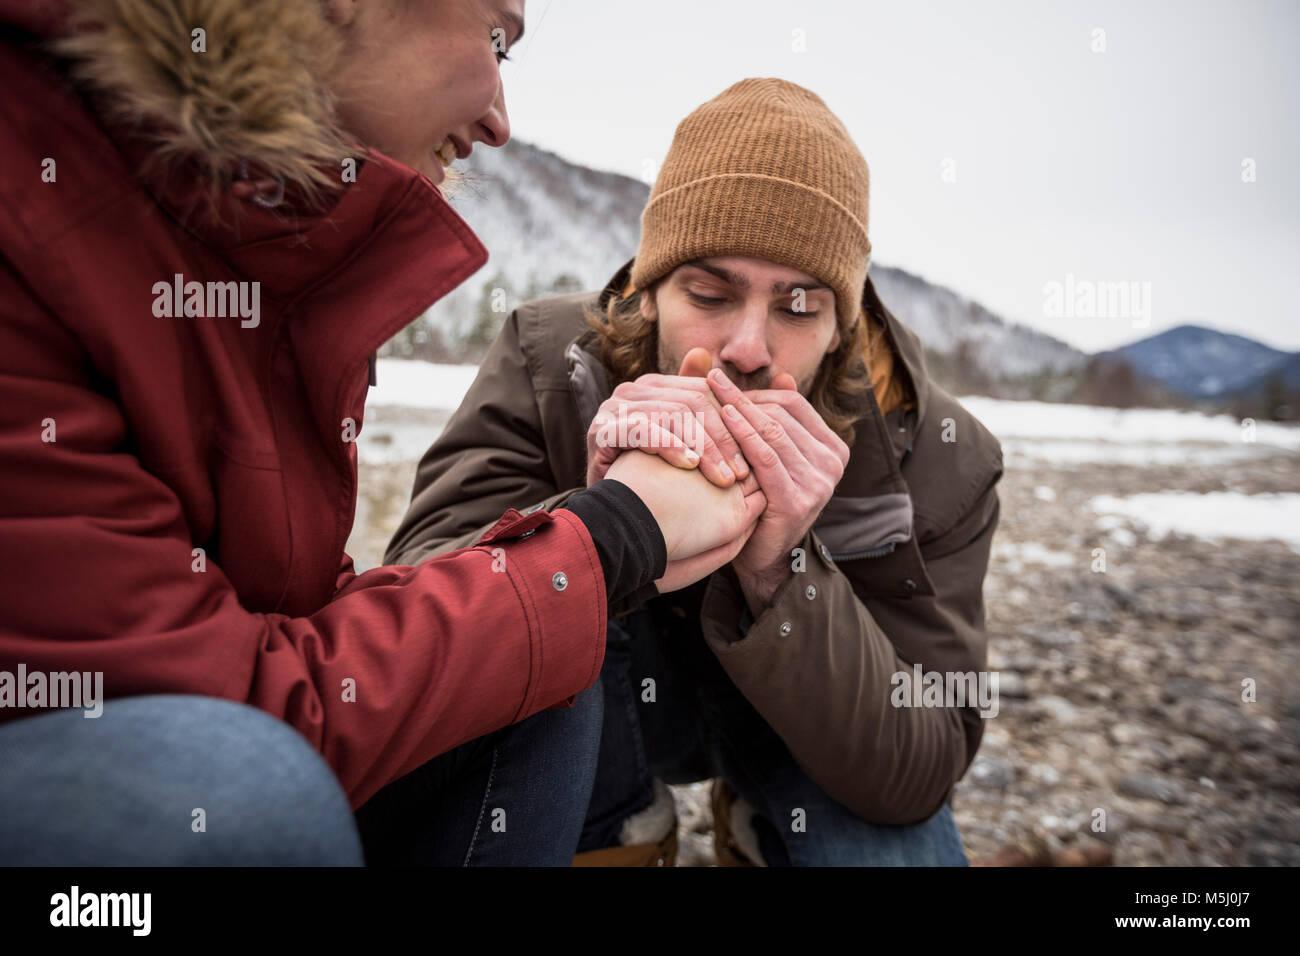 Matura per un viaggio in inverno con riscaldamento man mano di donna Immagini Stock